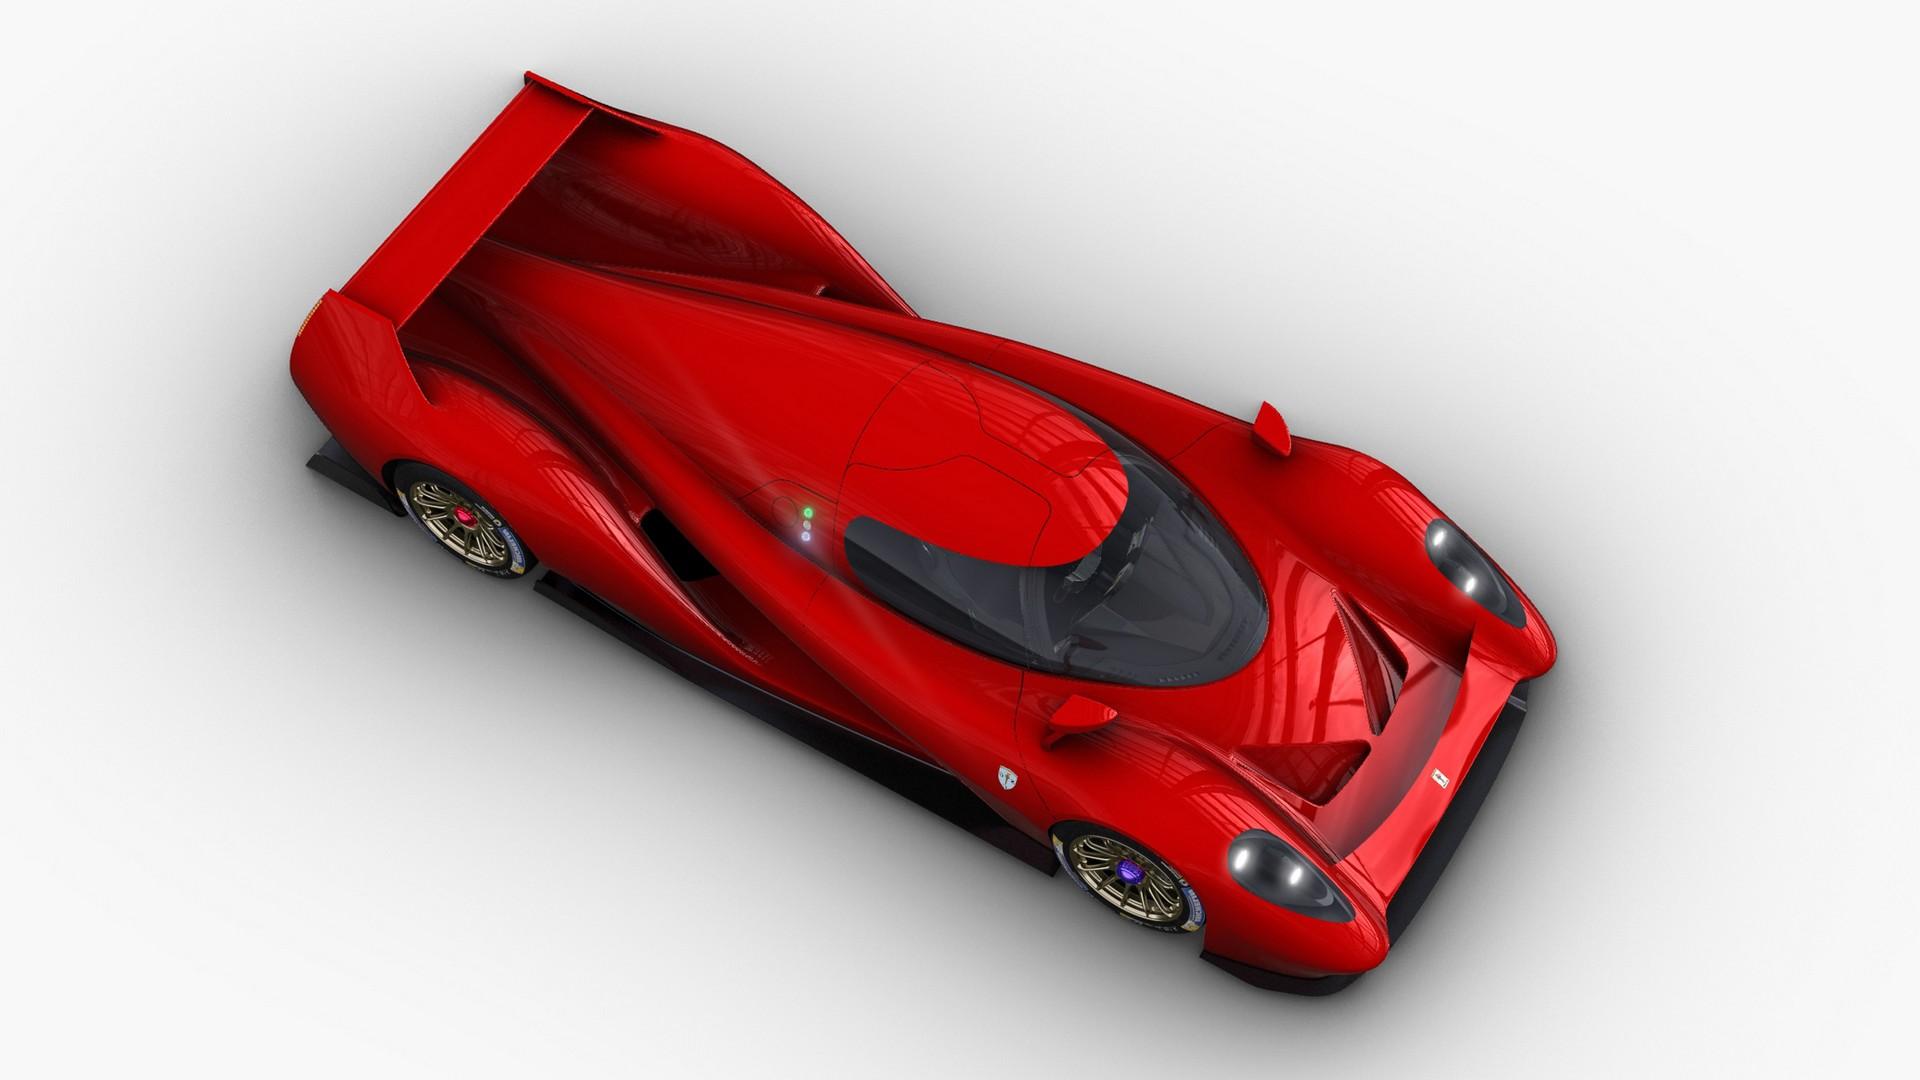 Glickenhaus-007-Le-Mans-Hypercar-3